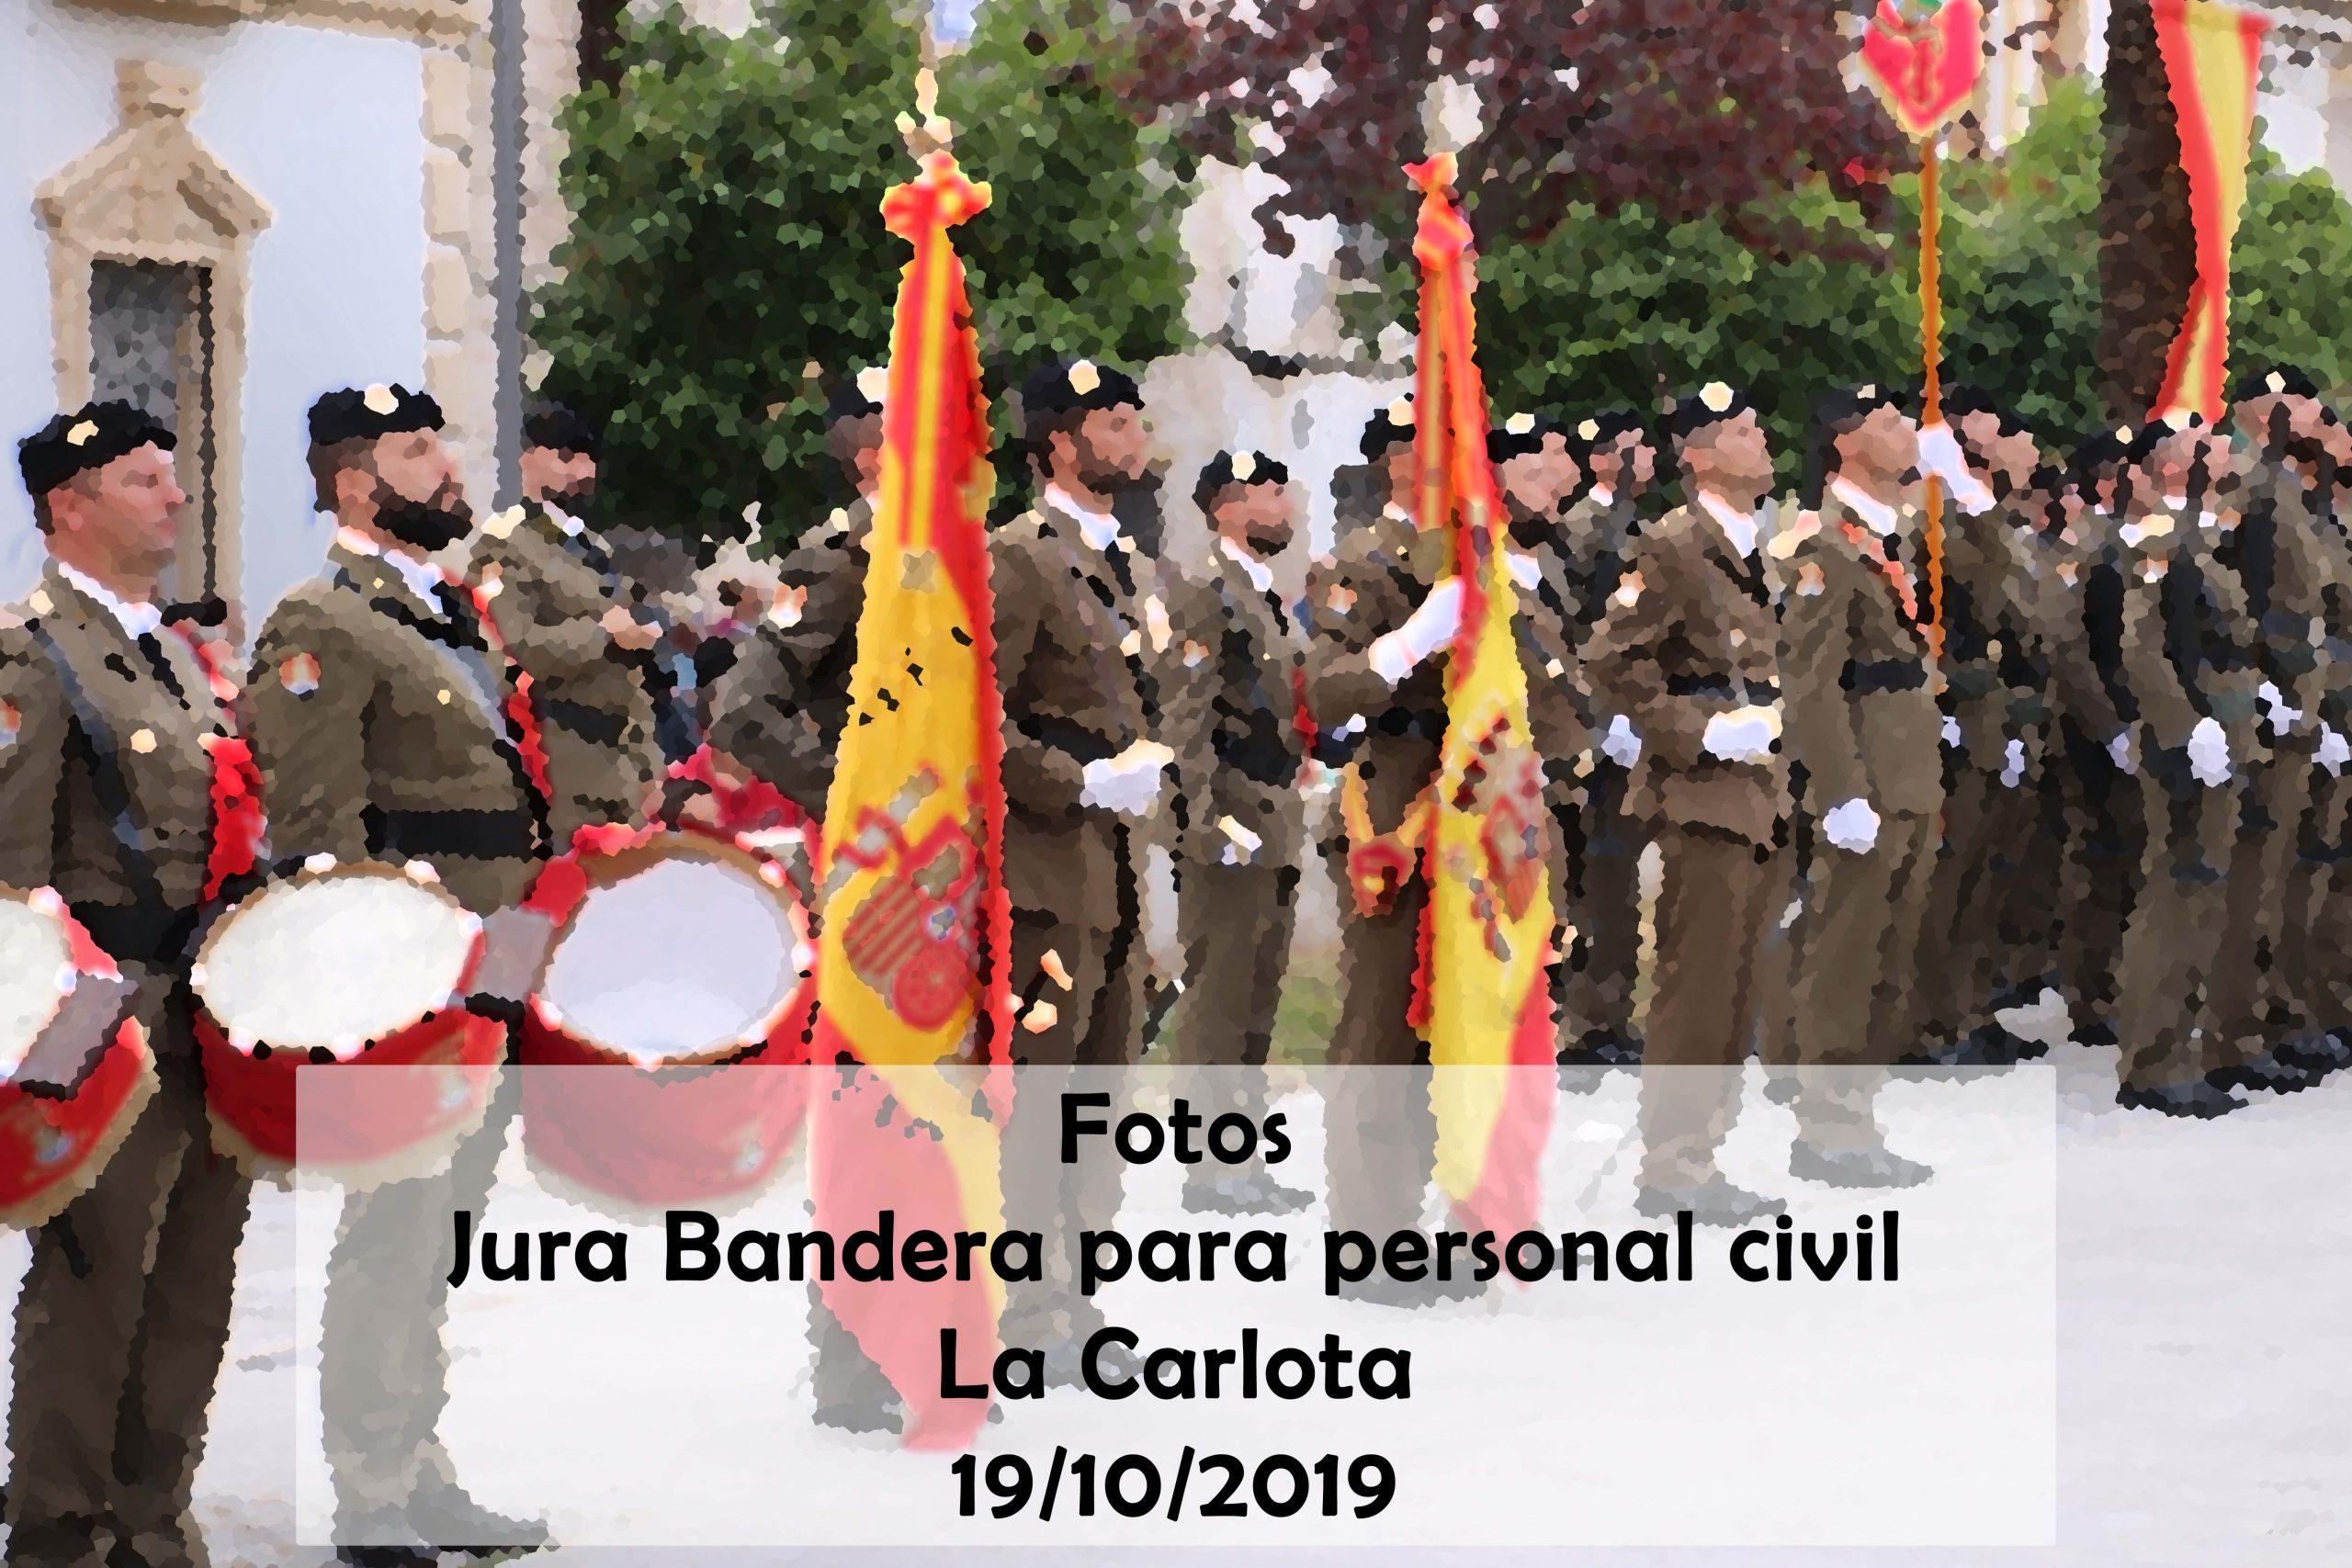 Fotos Jura Bandera para personal civil La Carlota 1